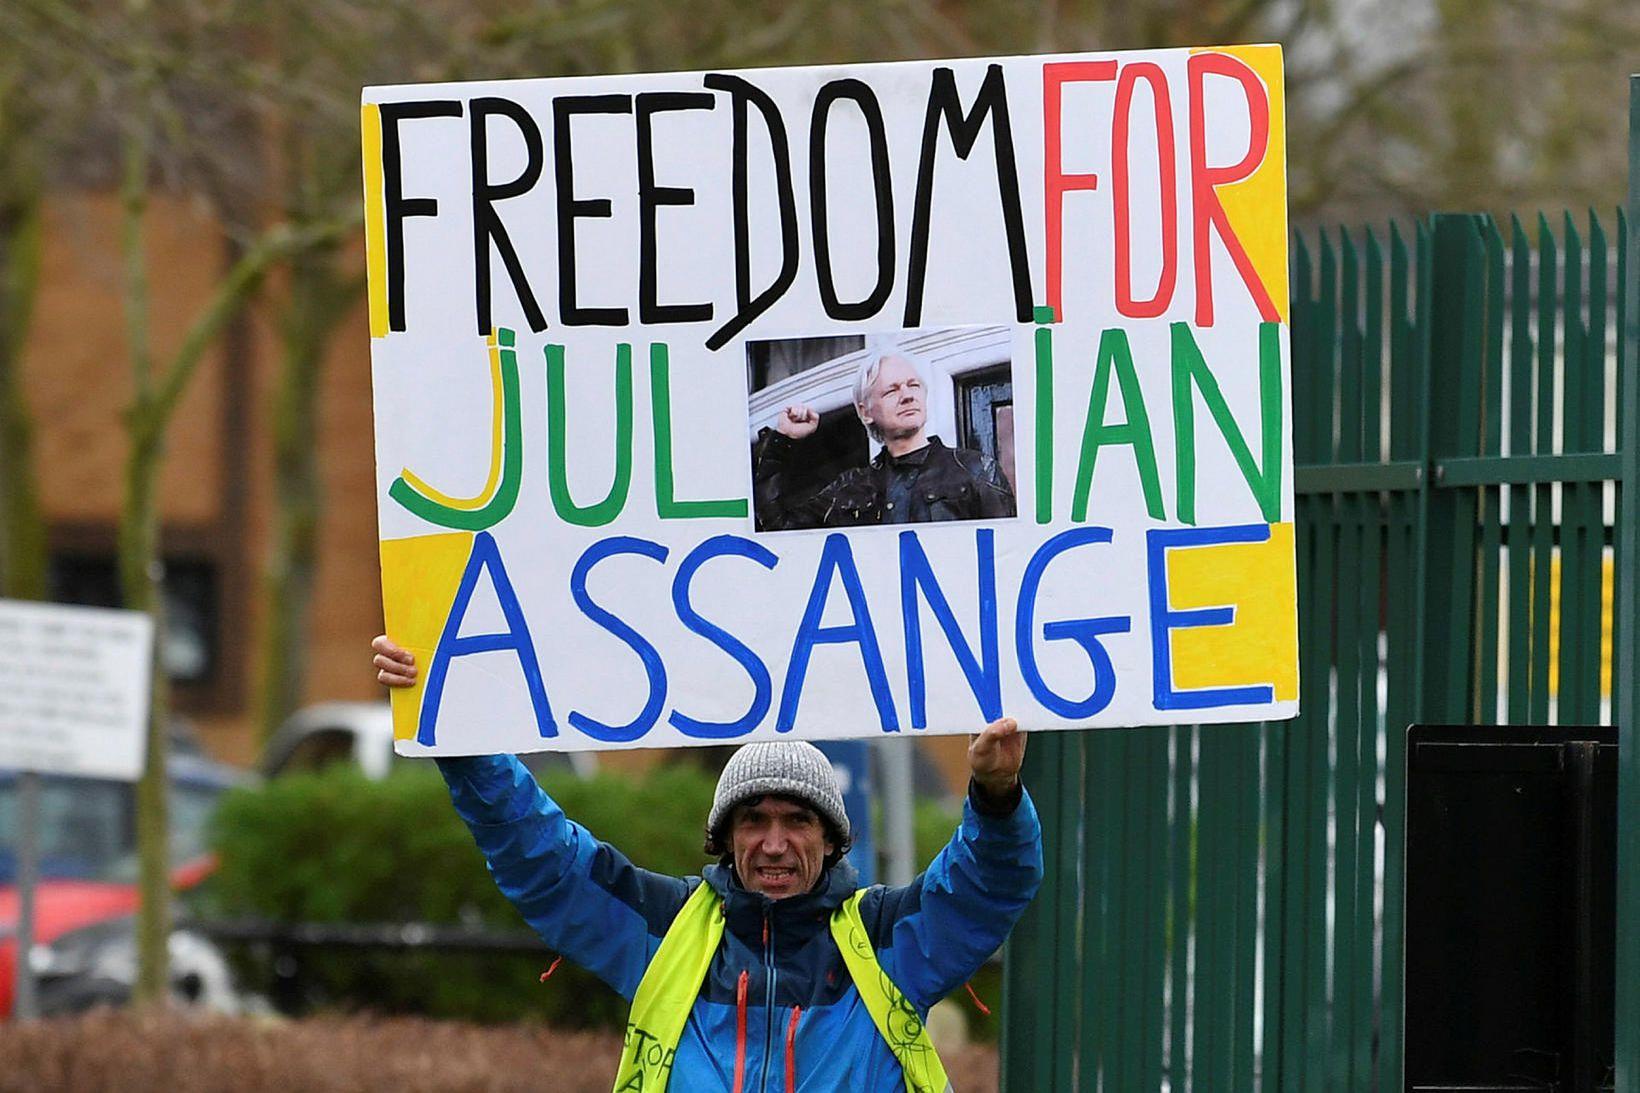 Lögmenn Assange lögðu fram kvörtun yfir þeirri meðferð sem hann …